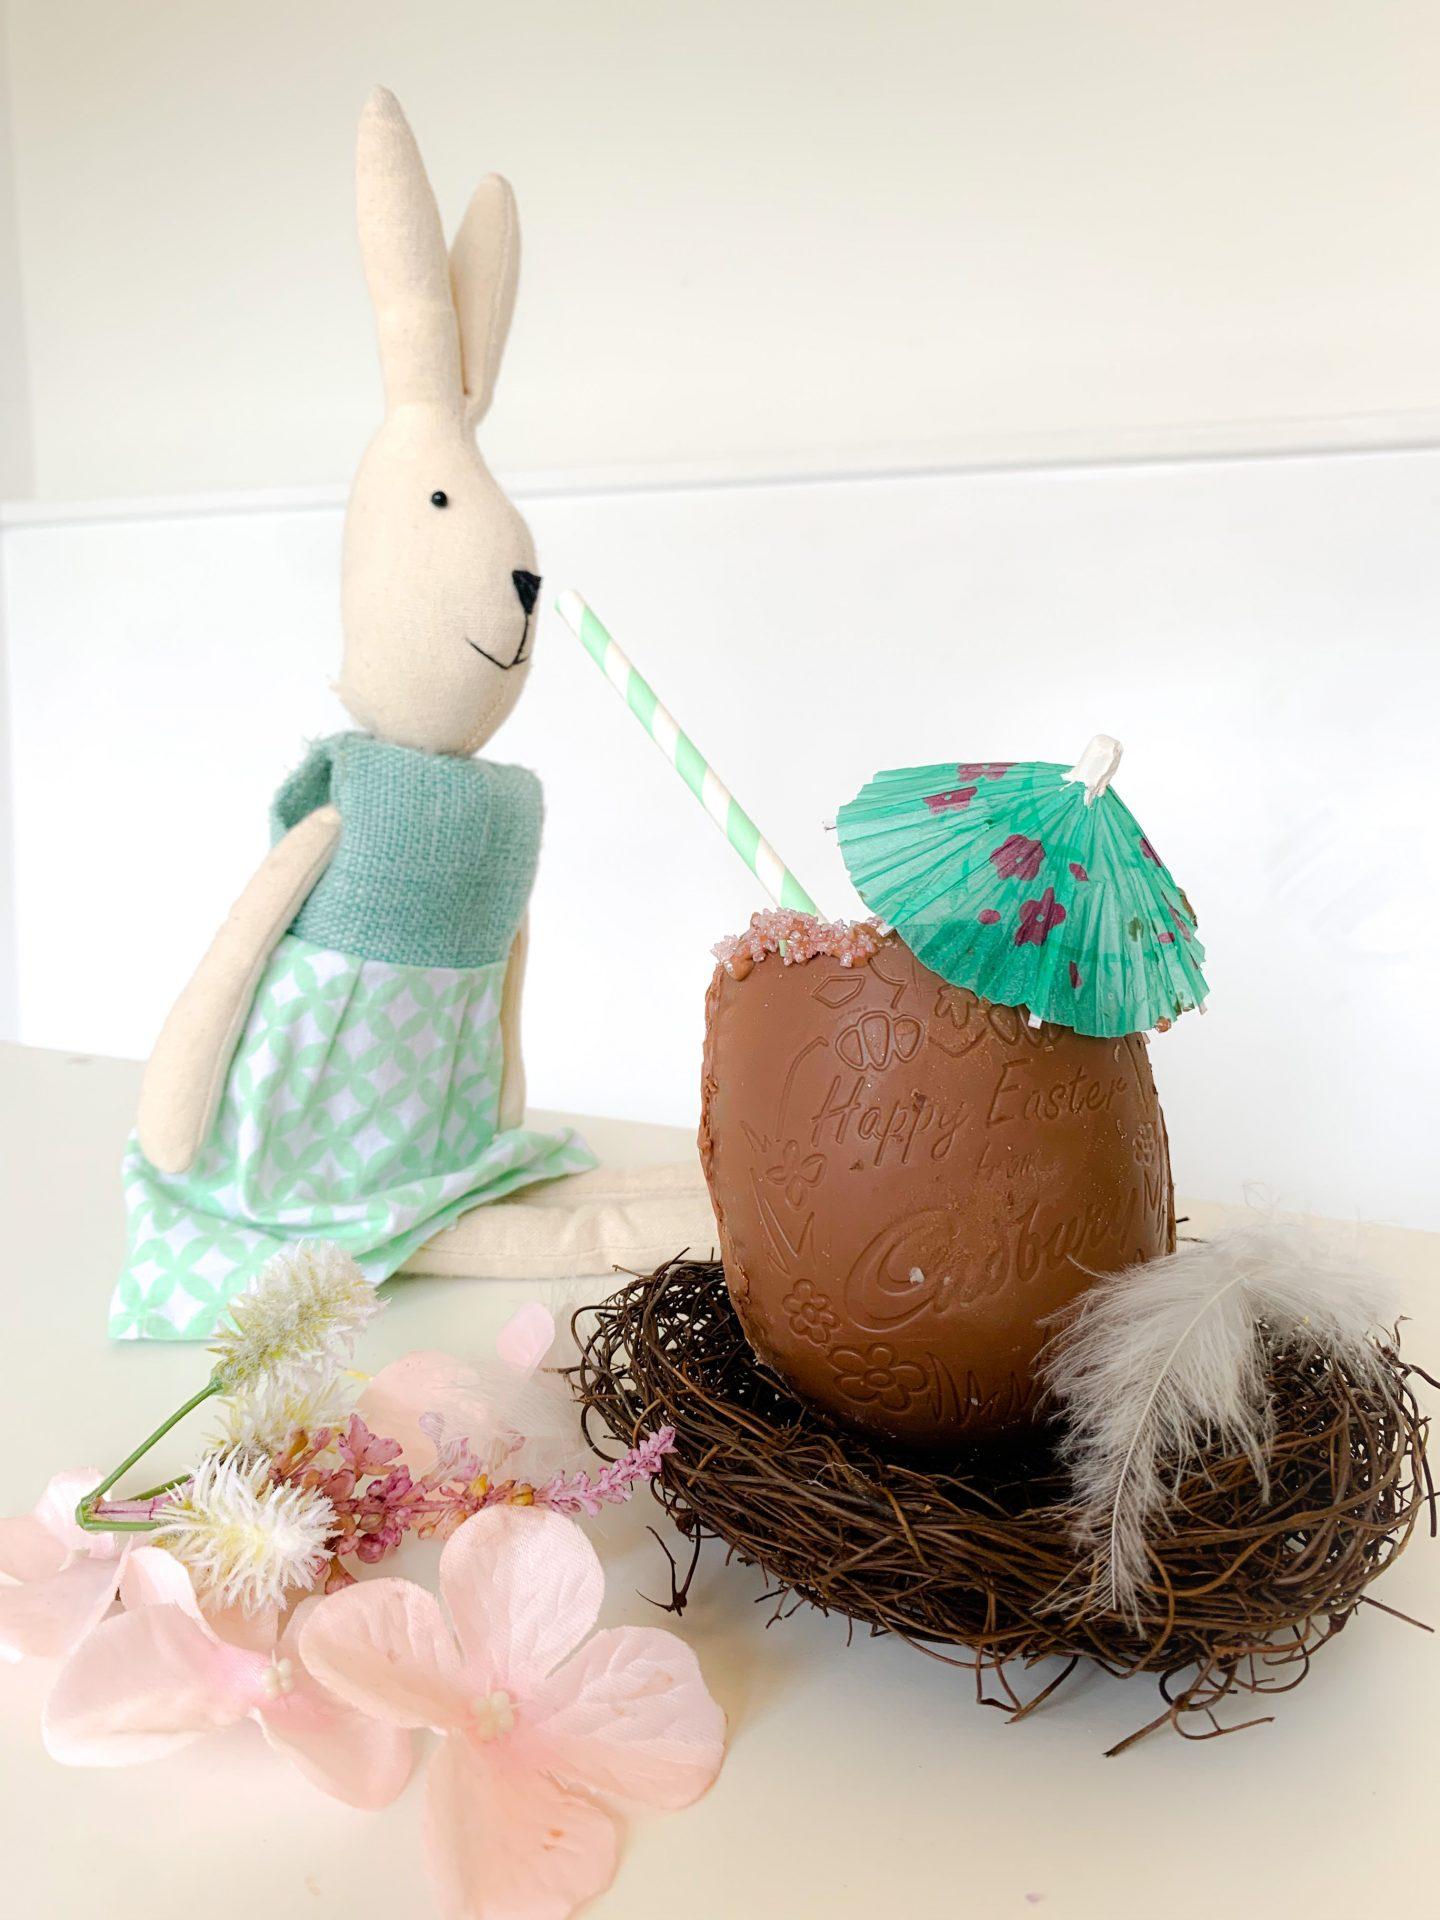 DIY Edible Easter Drinks Cups